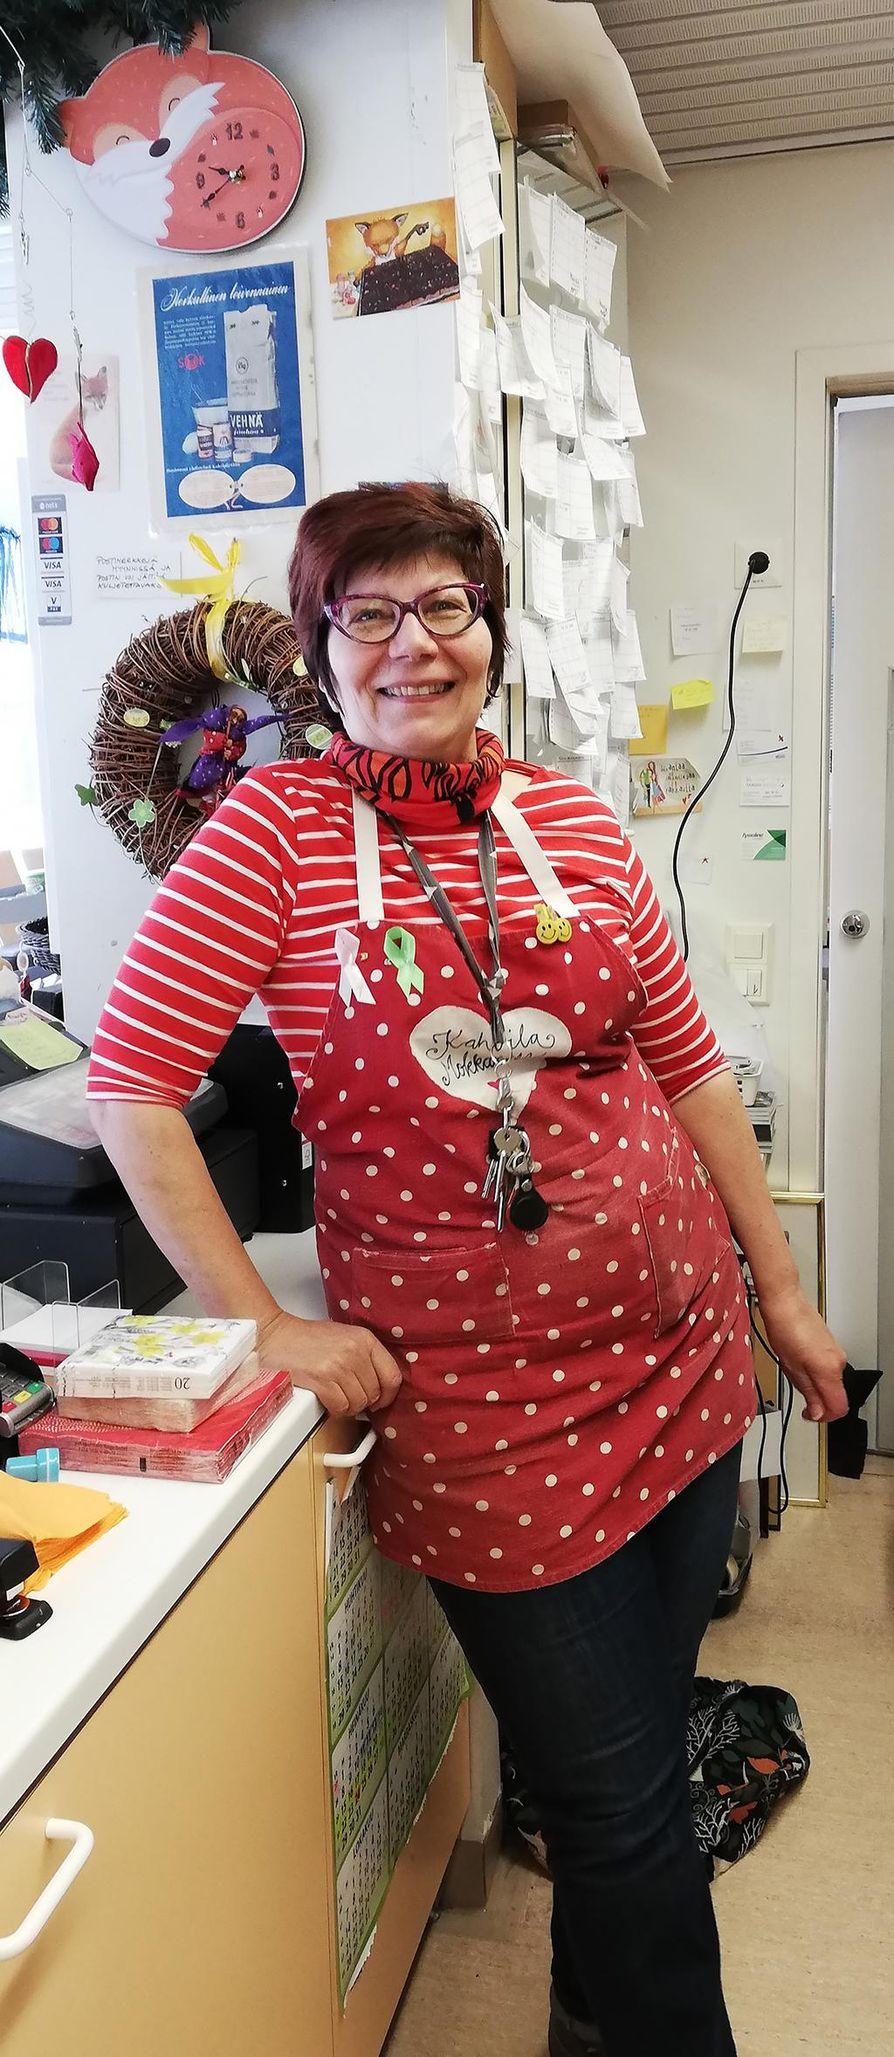 Kahvilayrittäjä Ritu Laaksoniemi  avaa uuden Mokkaketun  kesäkuun puolessa välissä.  Uudesta kahvilasta tulee kodikas ja vintage-henkinen kohtaamispaikka, jossa voi nauttia päivä- kahvit, vaikka valokuvaaja Meeri Koutaniemen isoisoäidin vanhan ruokapöydän ympärillä.